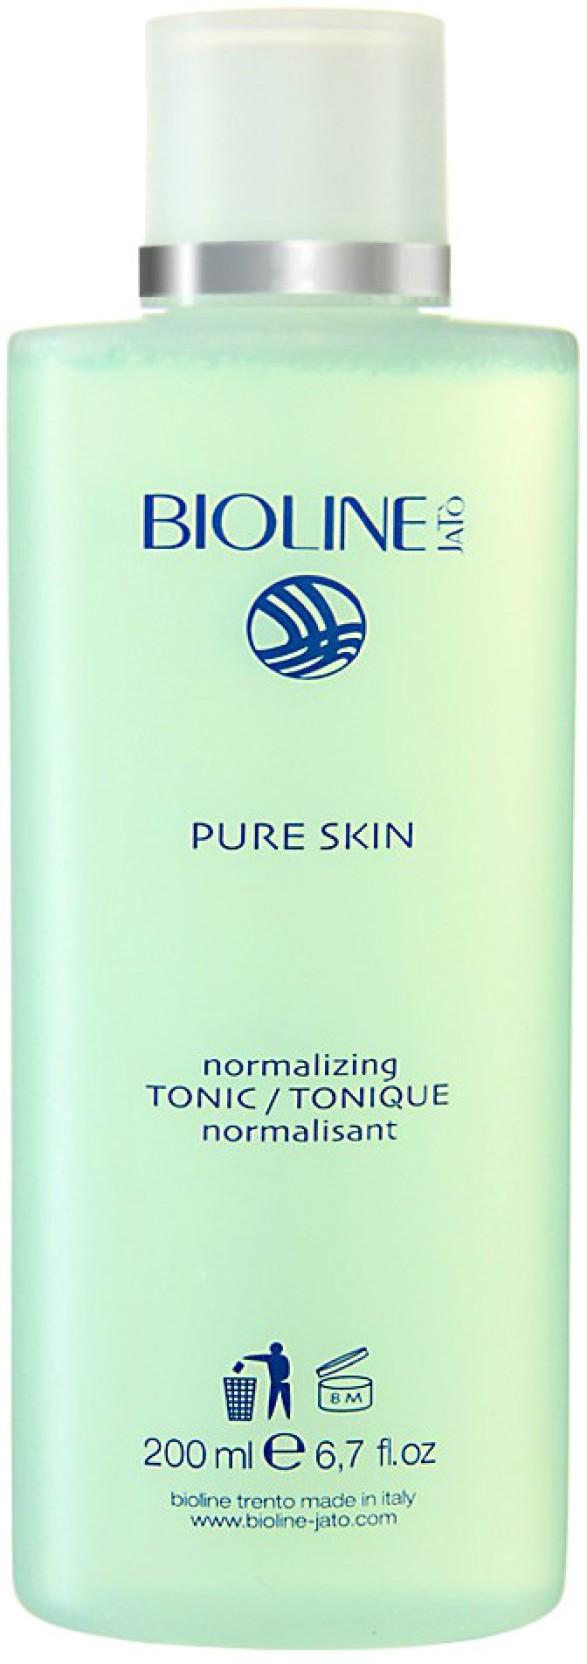 bioline pure skin cleansing gel